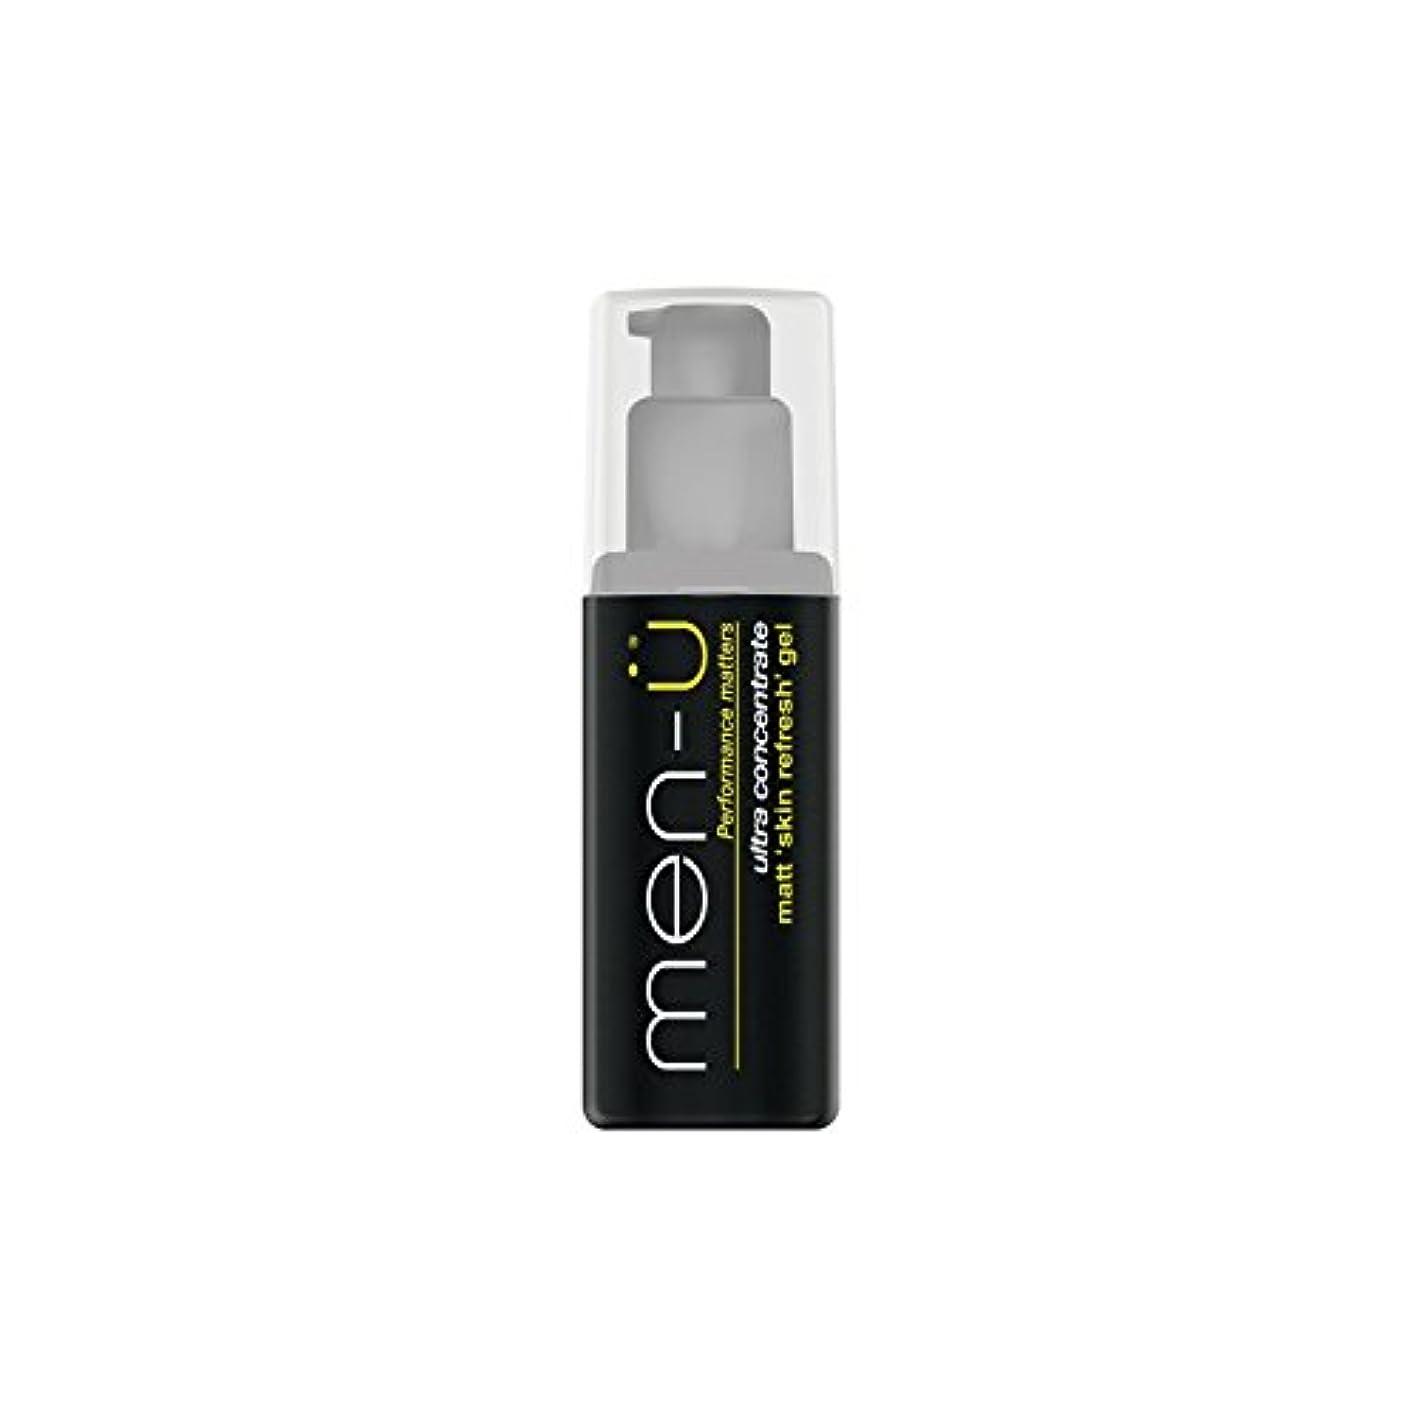 攻撃的パイプ進むMen-? Matt Skin Refresh Gel (100ml) (Pack of 6) - 男性-?マット肌のリフレッシュジェル(100)に x6 [並行輸入品]